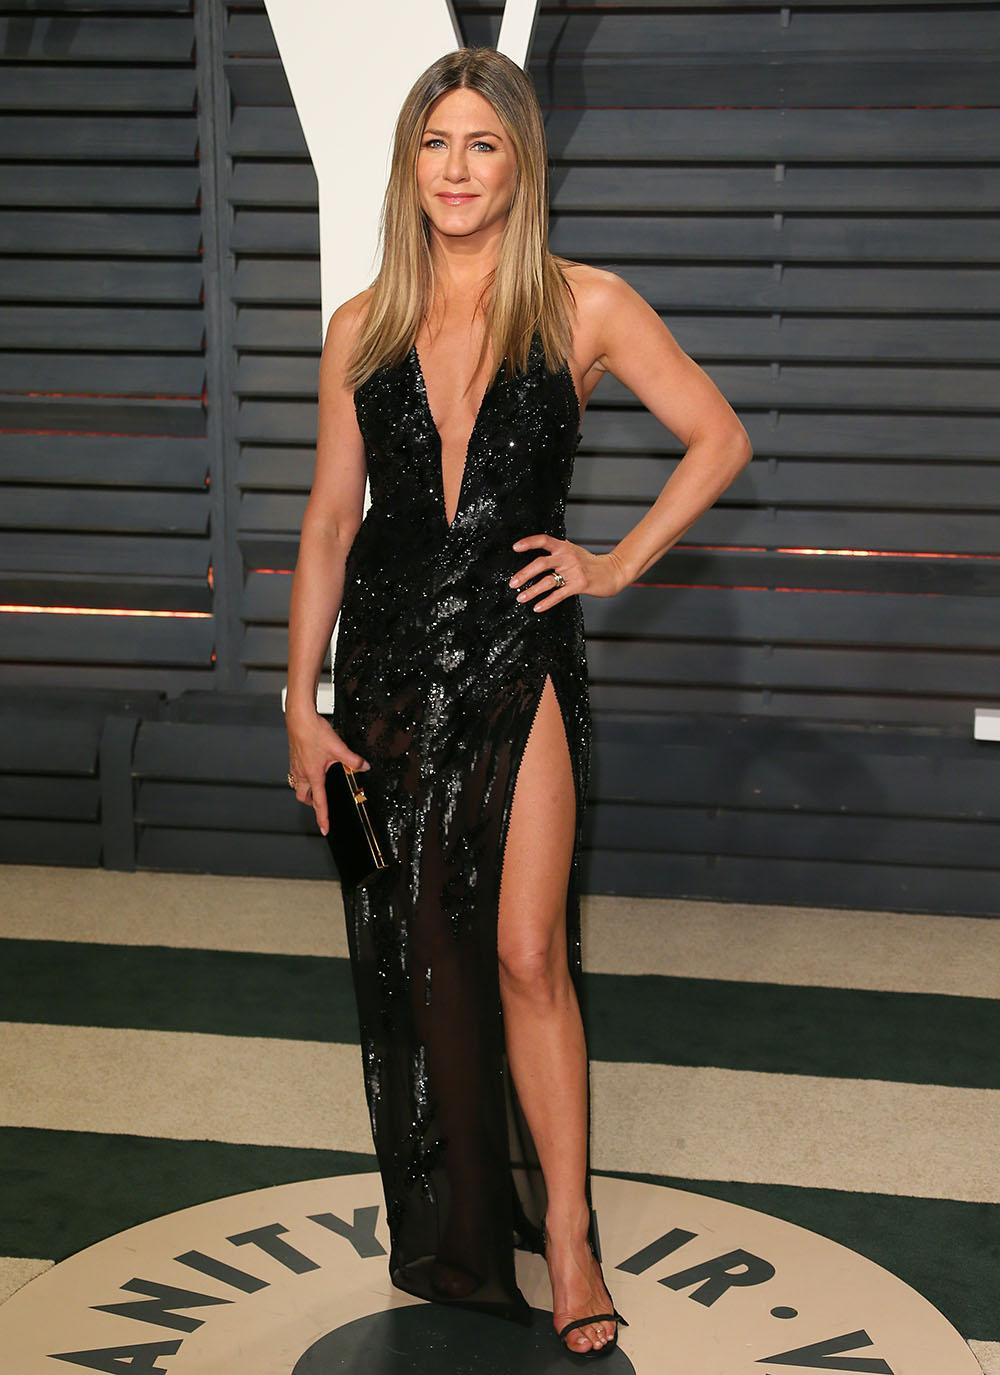 Jennifer-Aniston-Cbd-oil-celebrity-fans